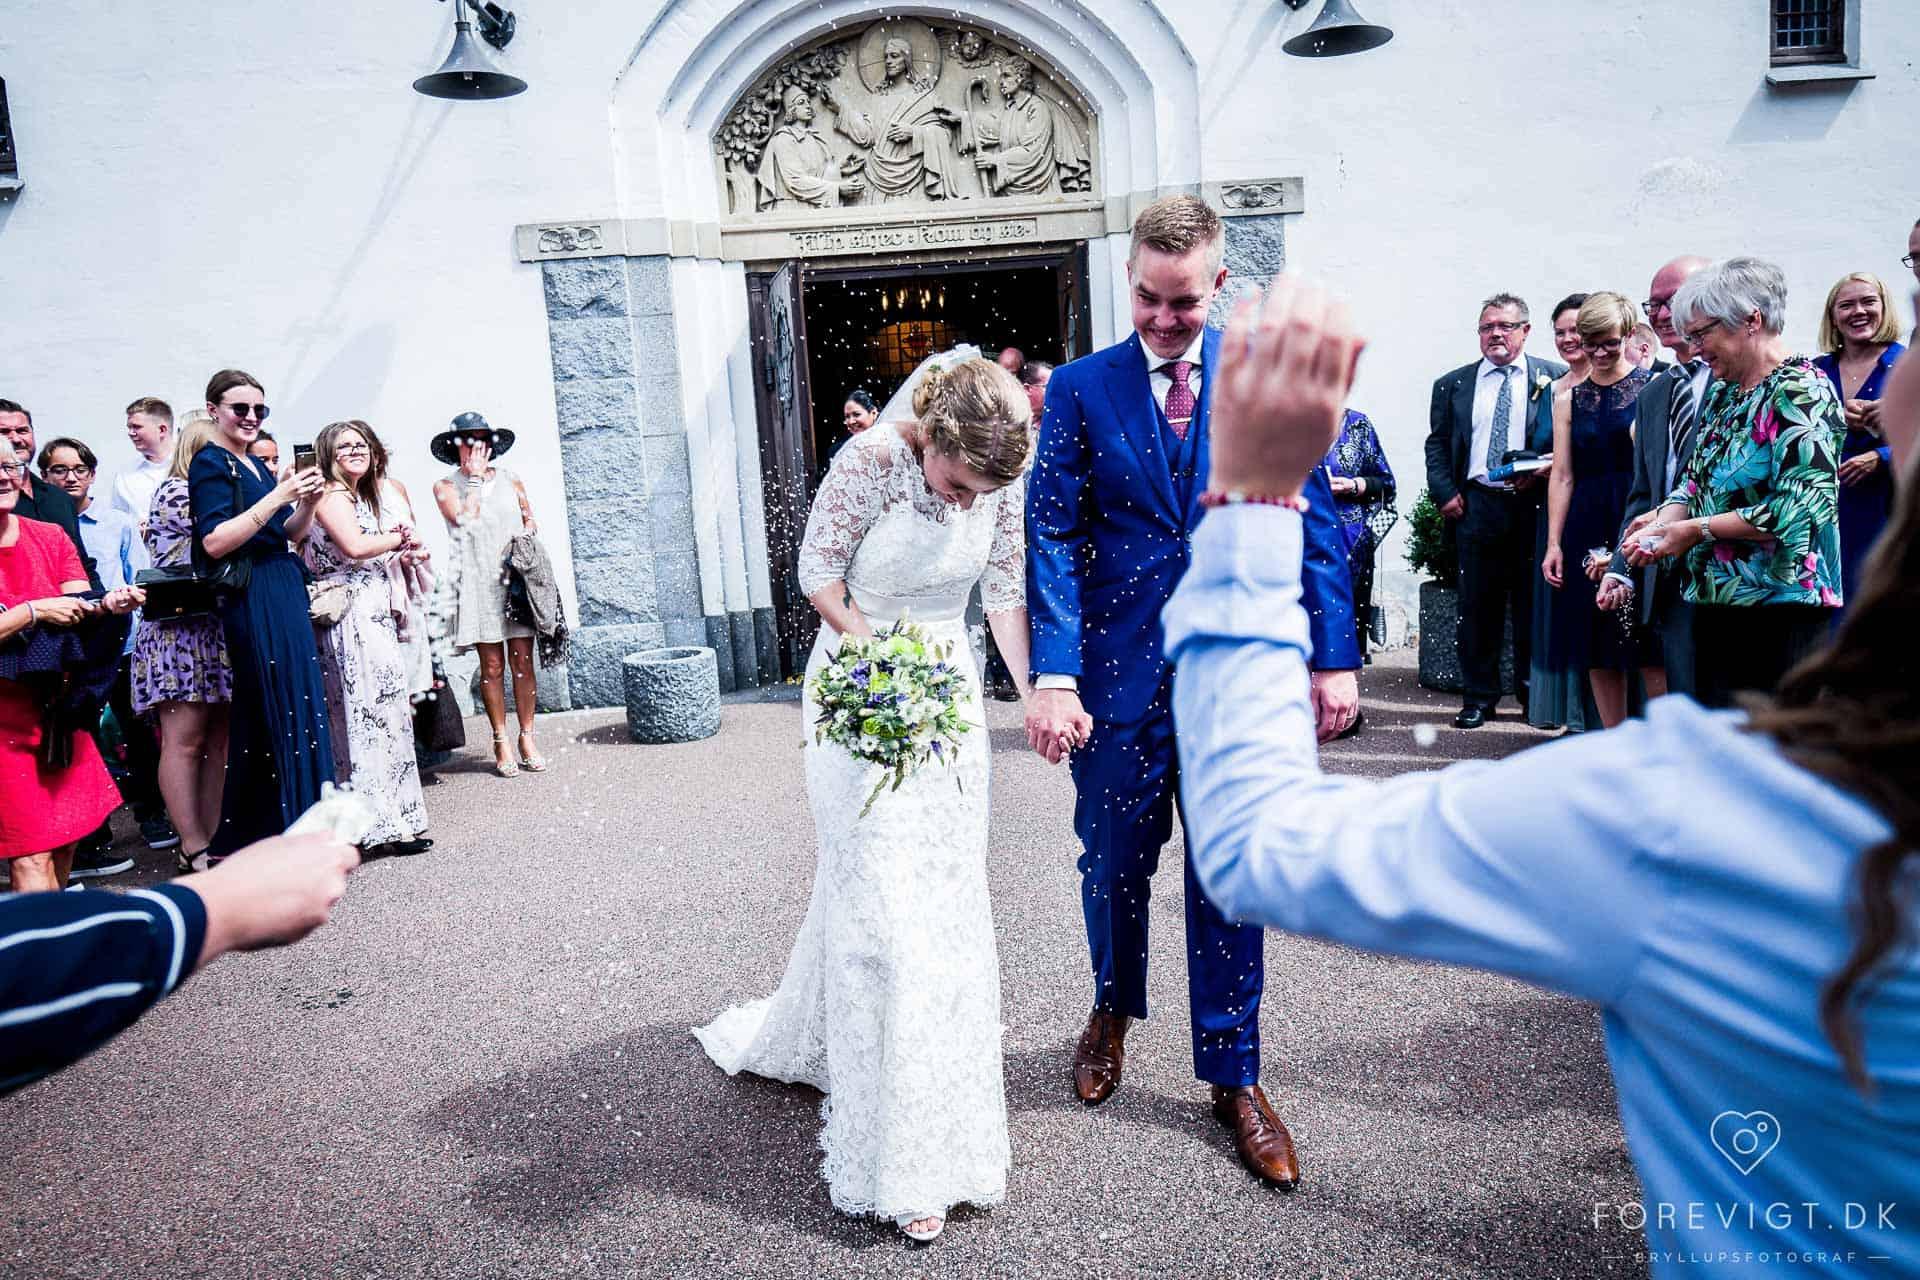 Søgeresultater Webresultater Bryllupsfotograf til dit bryllup i København